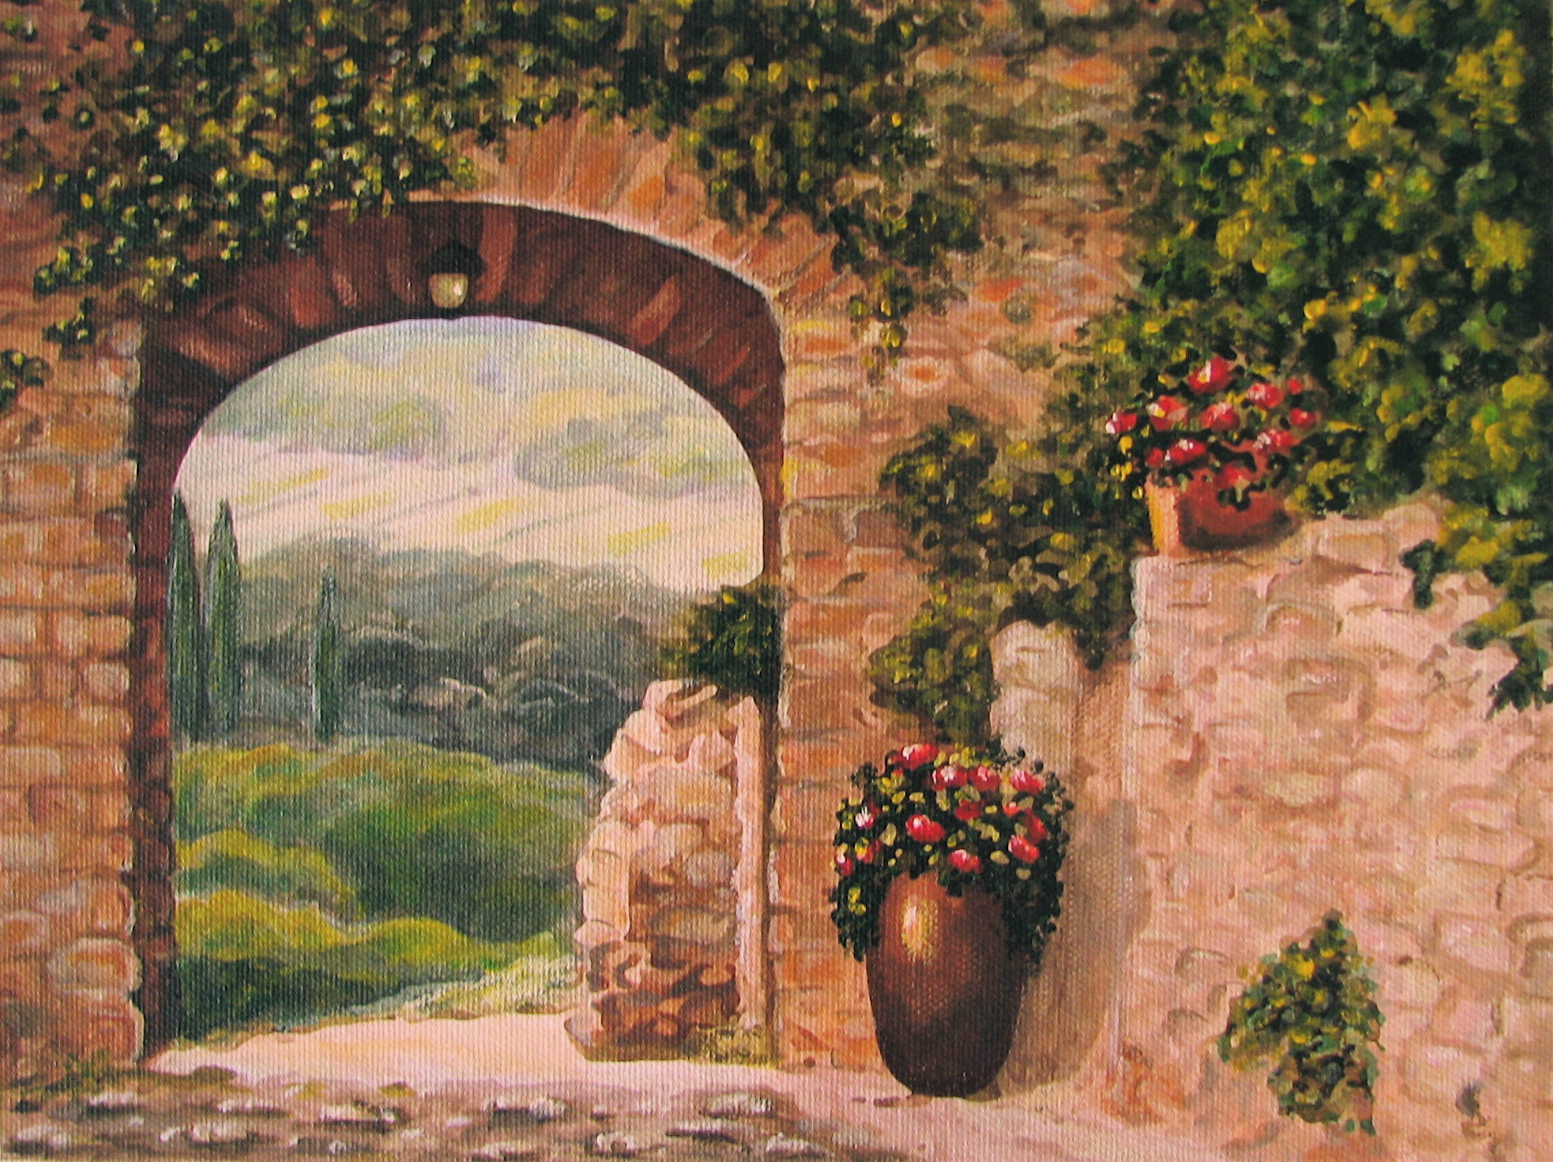 tuscanArch